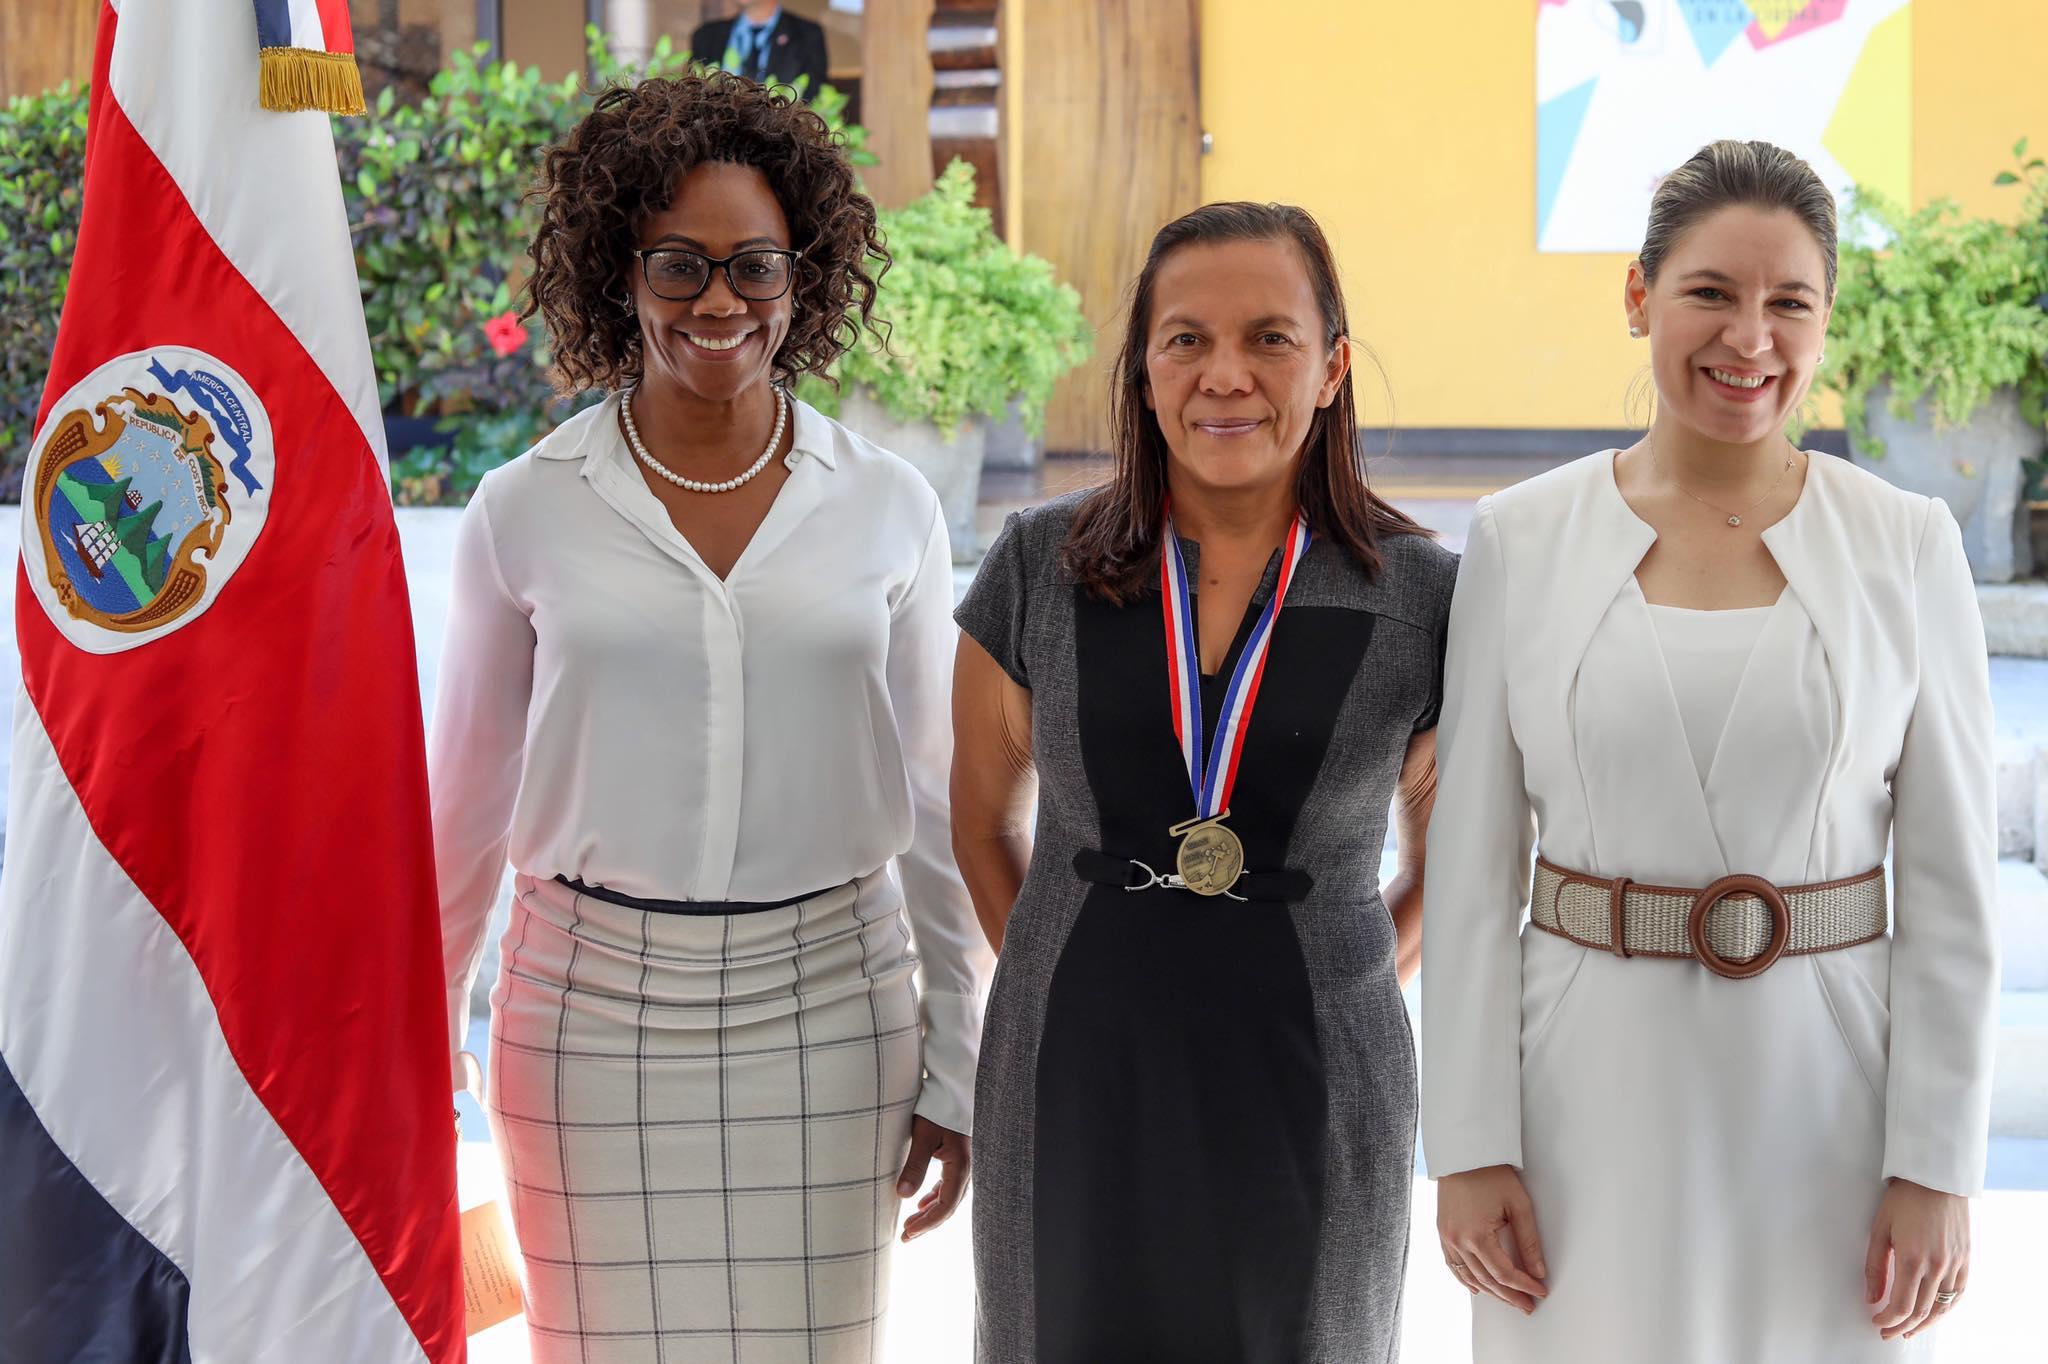 Dixiana Mena, entrenadora de sus hijas Noelia y Andrea Vargas, recibió la condecoración al Mérito en la Paz y en la Democracia.